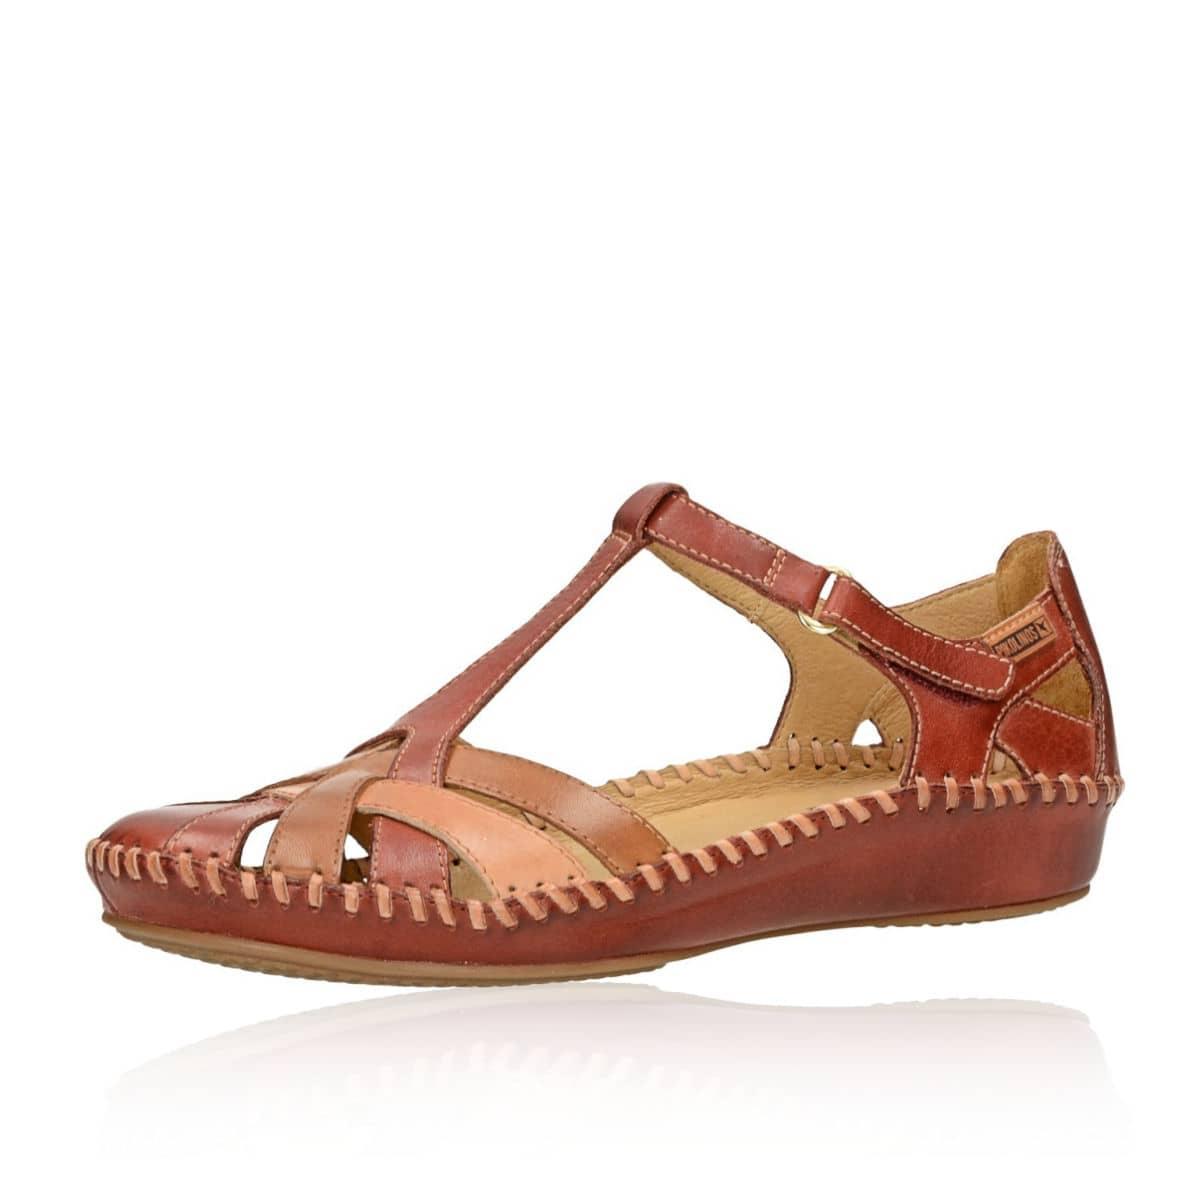 a6cbc24895a7 Pikolinos dámske kožené sandále - bordové Pikolinos dámske kožené sandále -  bordové ...